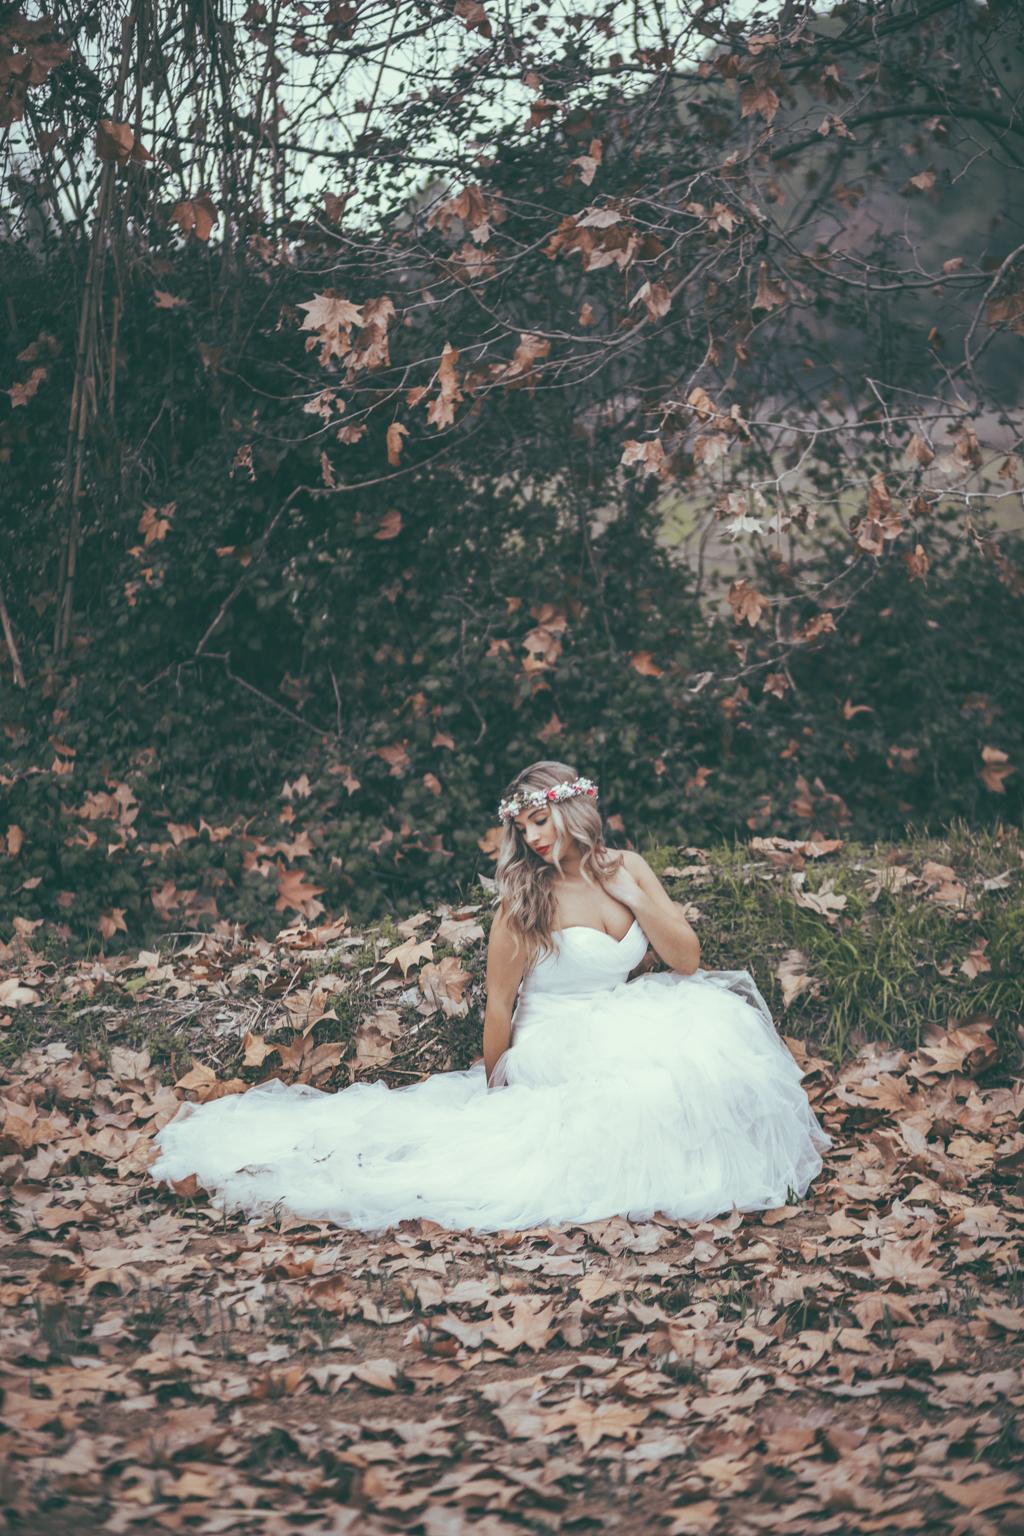 fotógrafo de bodas barcelona :: fotógrafo de boda :: fotografía de boda :: postboda en el campo :: postboda en invierno :: boda en invierno :: boda romántica